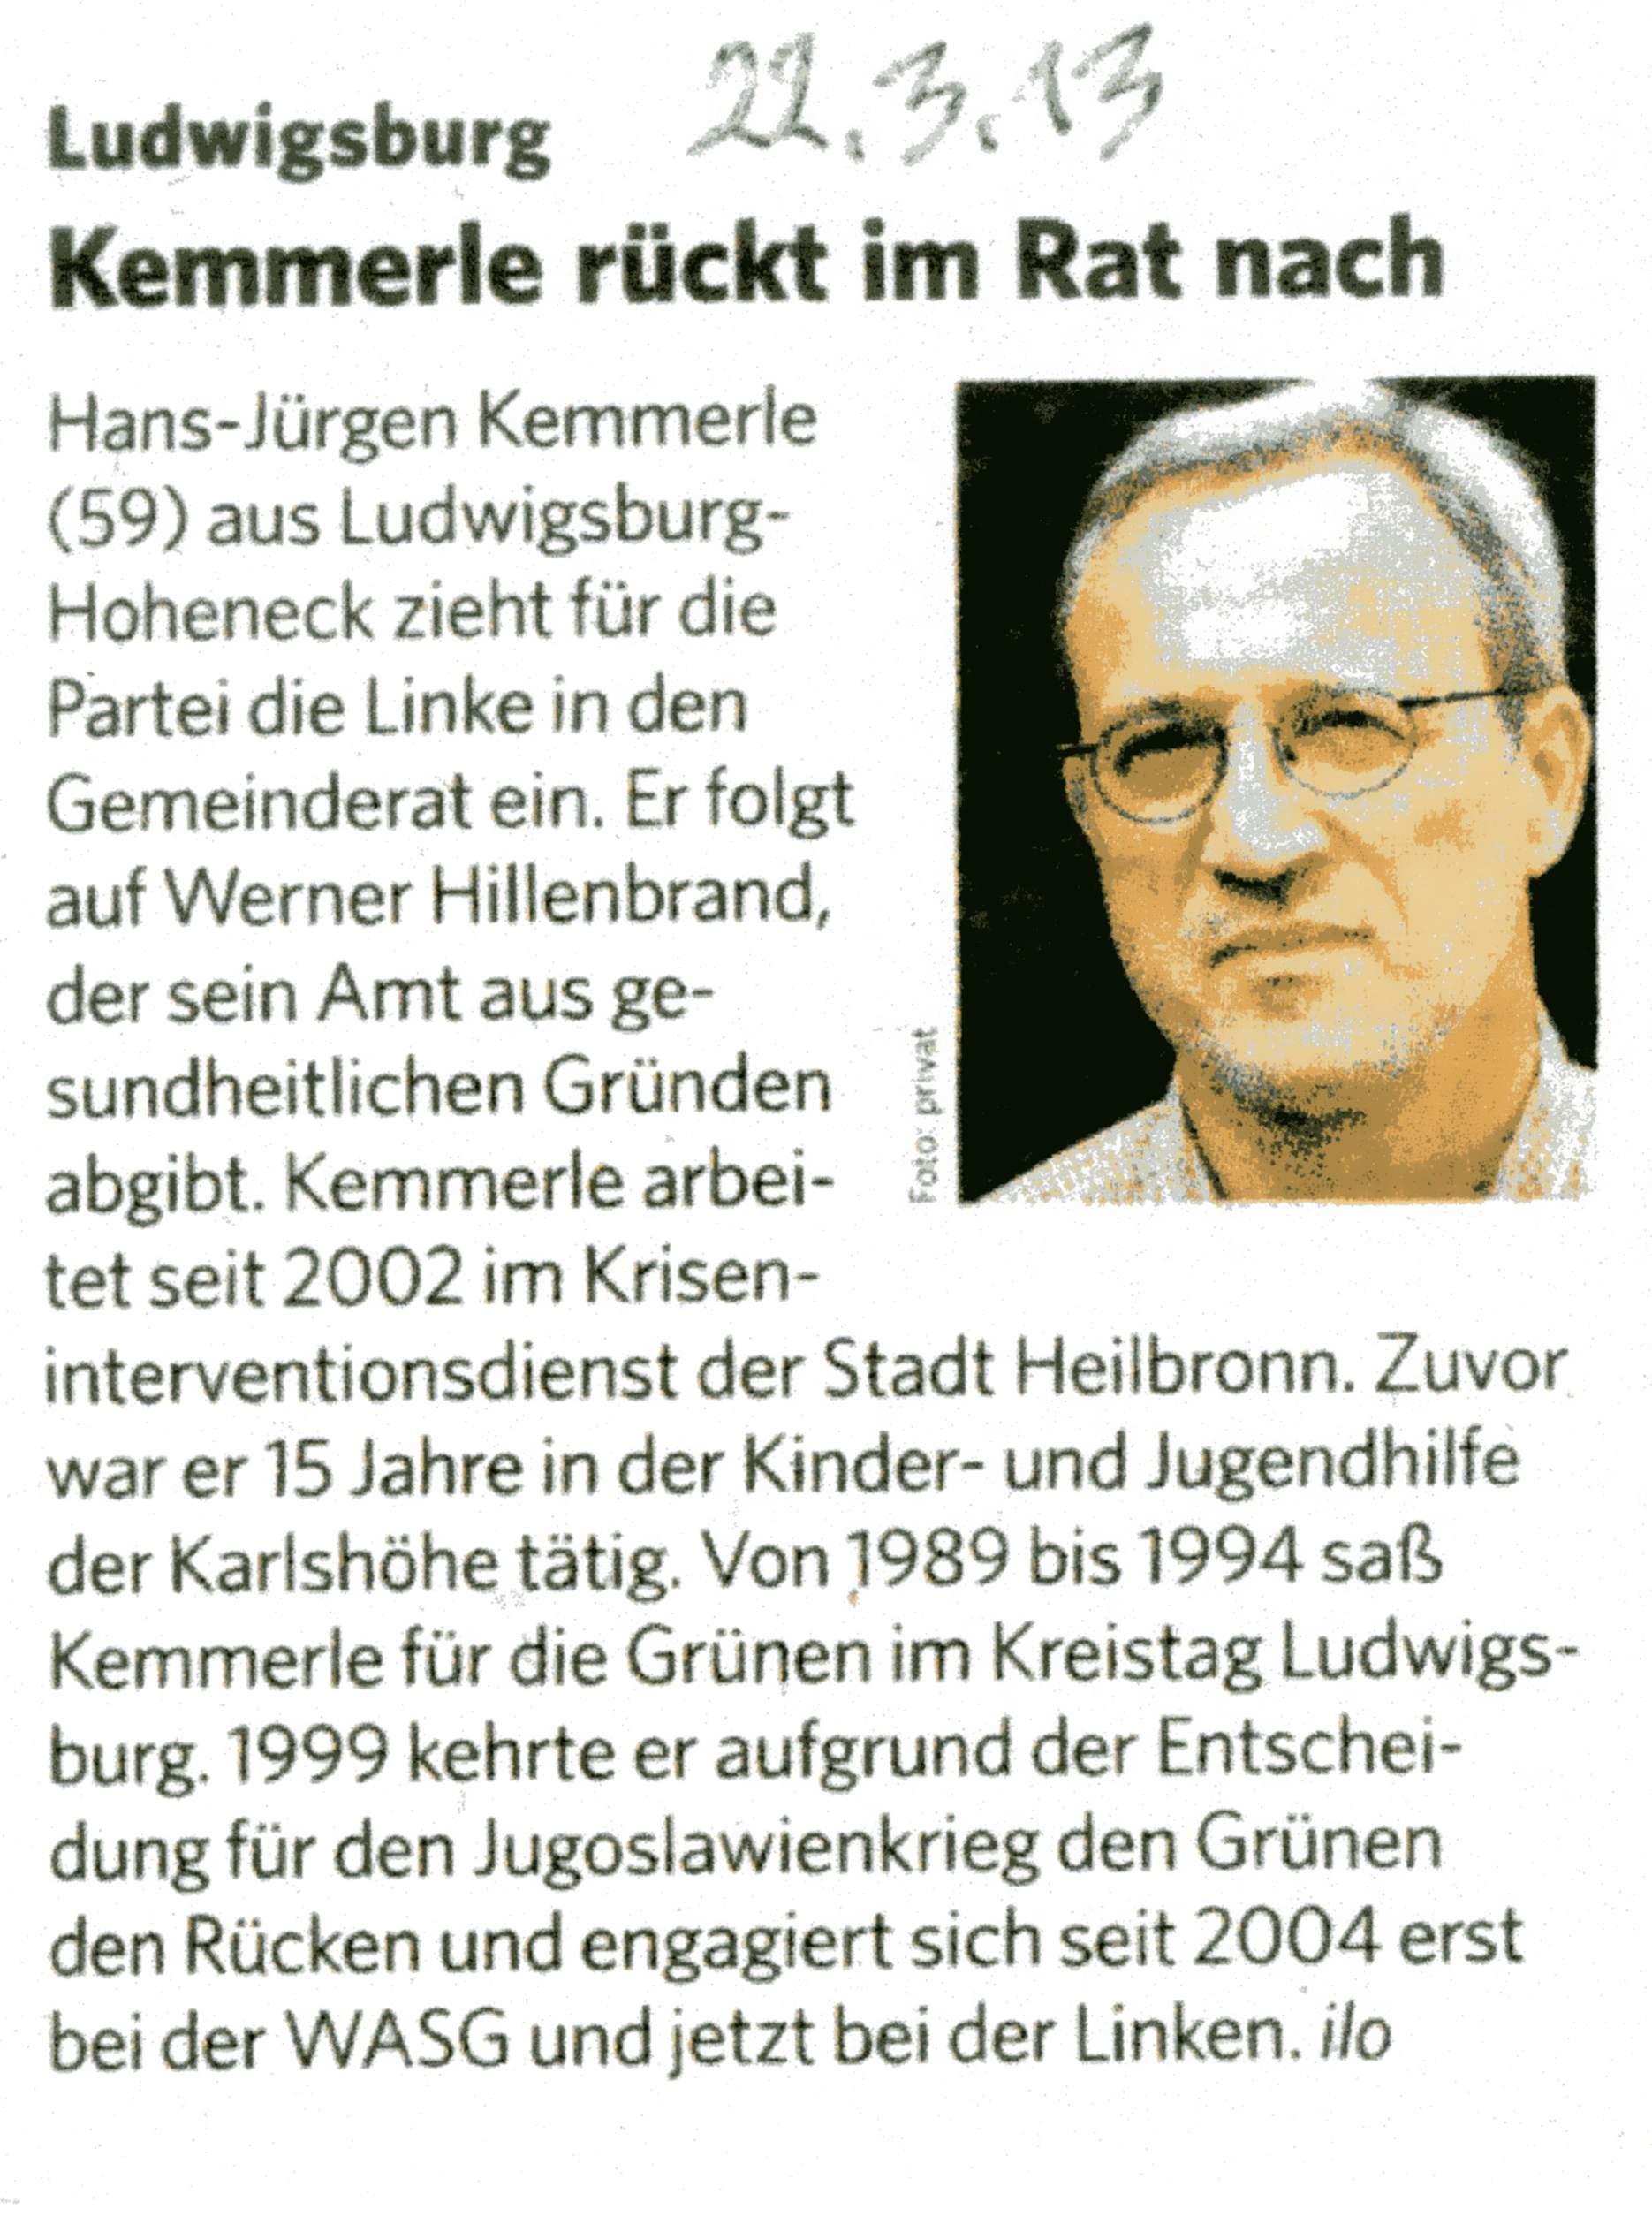 GR-Kemmerle